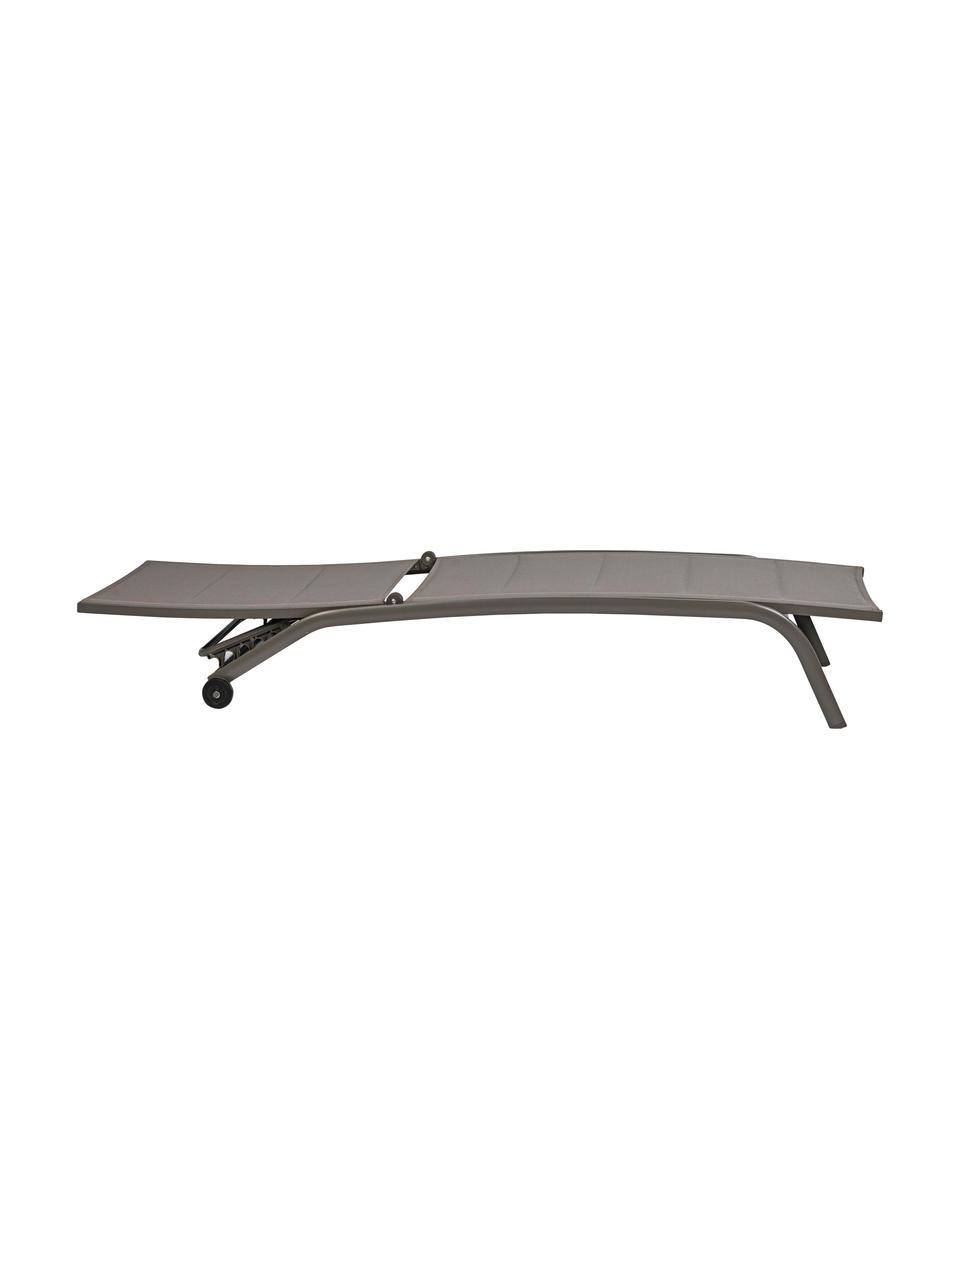 Lettino prendisole Cleo, Struttura: alluminio verniciato a po, Rivestimento: textilene, Taupe, nero, Larg. 192 x Prof. 61 cm